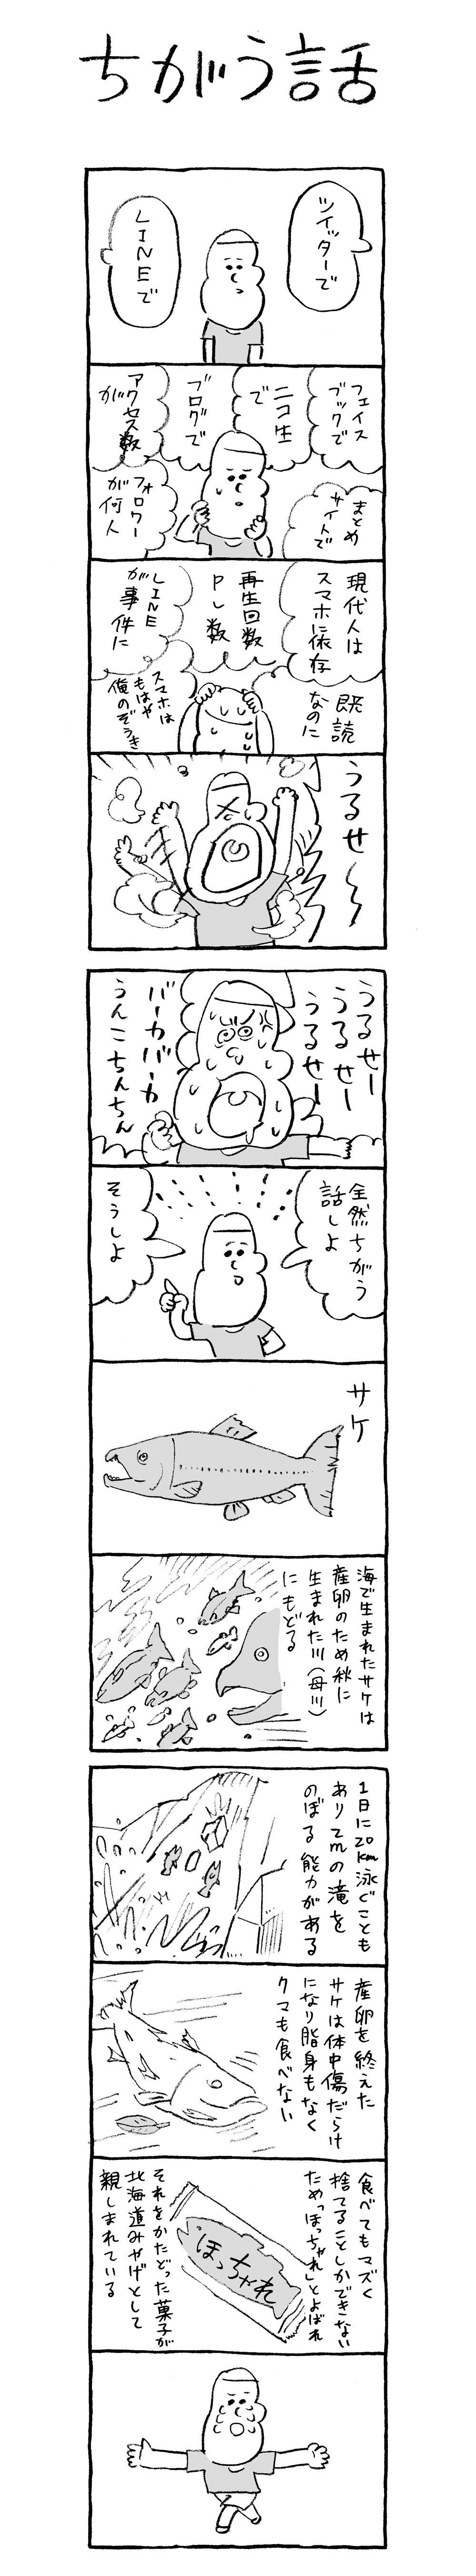 koyama5_R